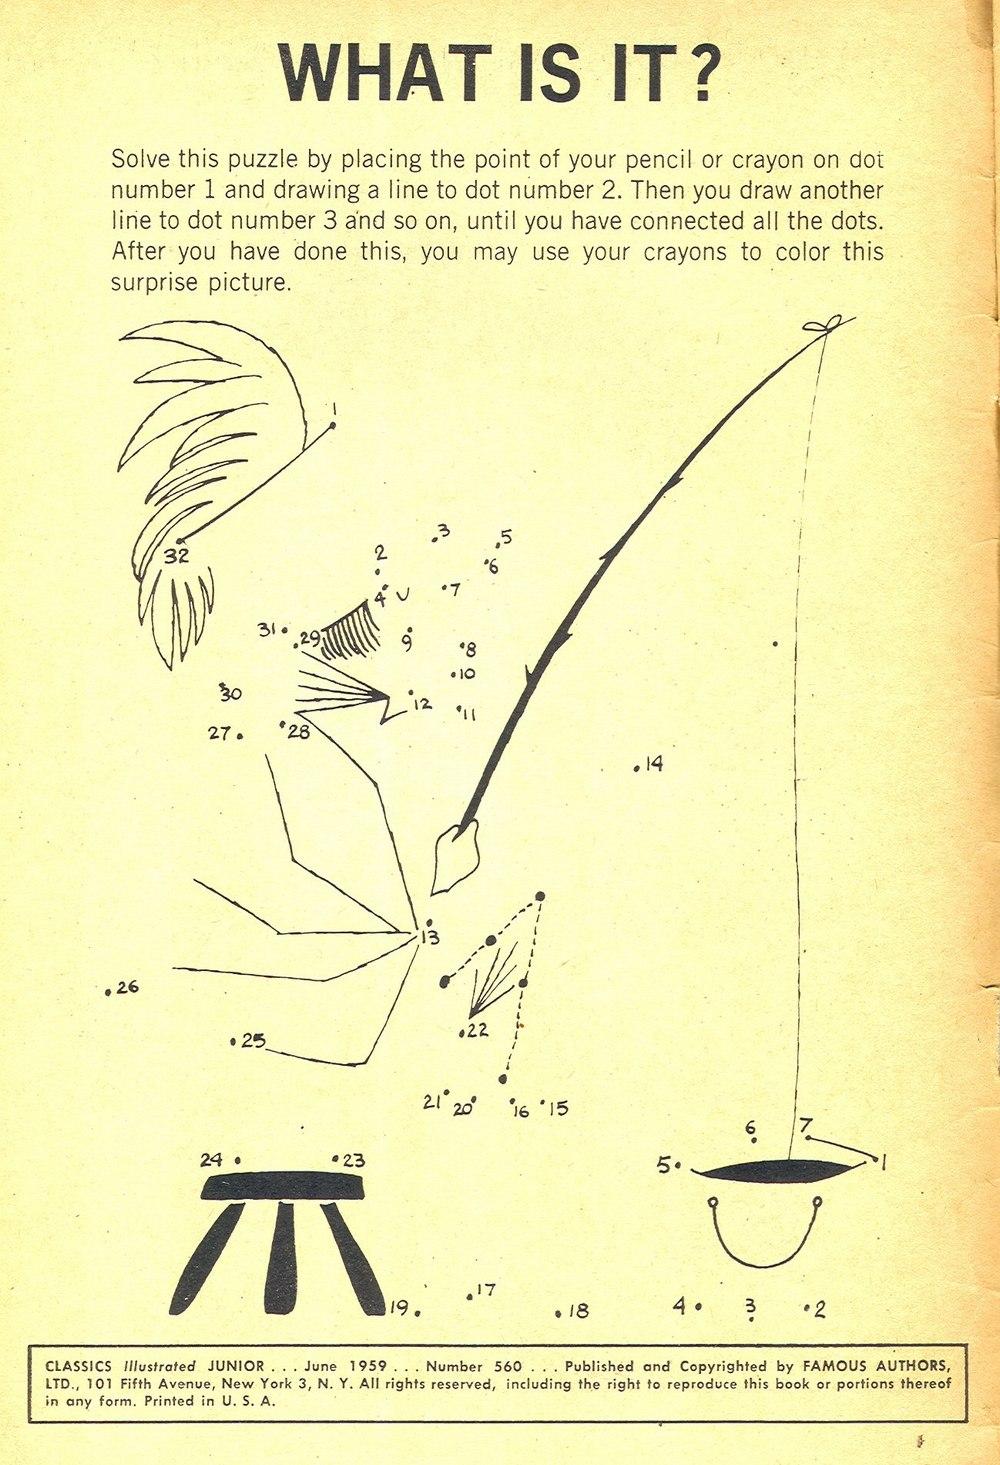 Classics Illustrated Junior 560 Page 2